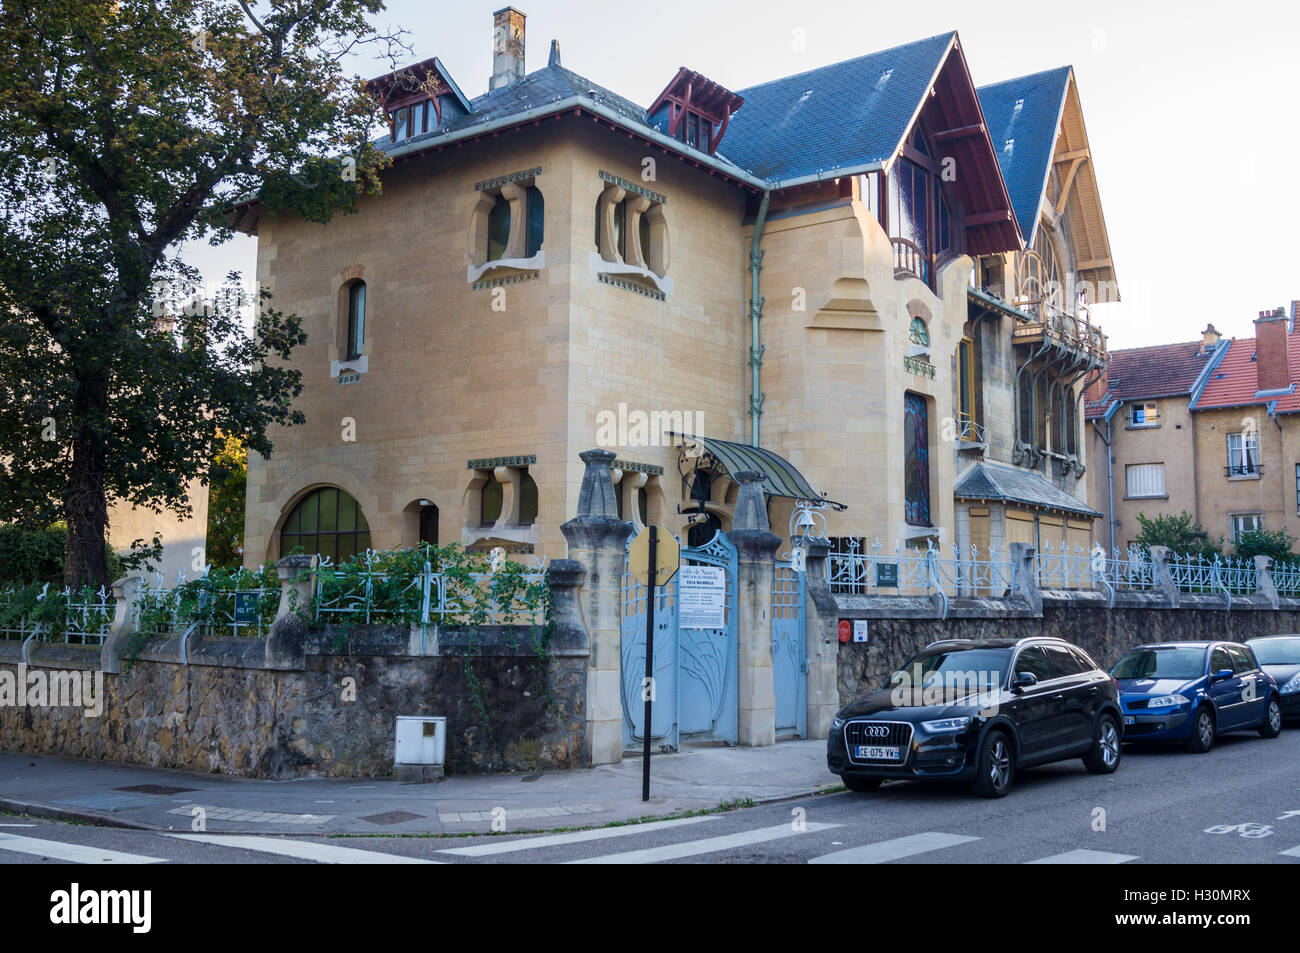 villa-majorelle-art-nouveau-house-1901-1902-by-henri-sauvage-rue-louis-H30MRX.jpg